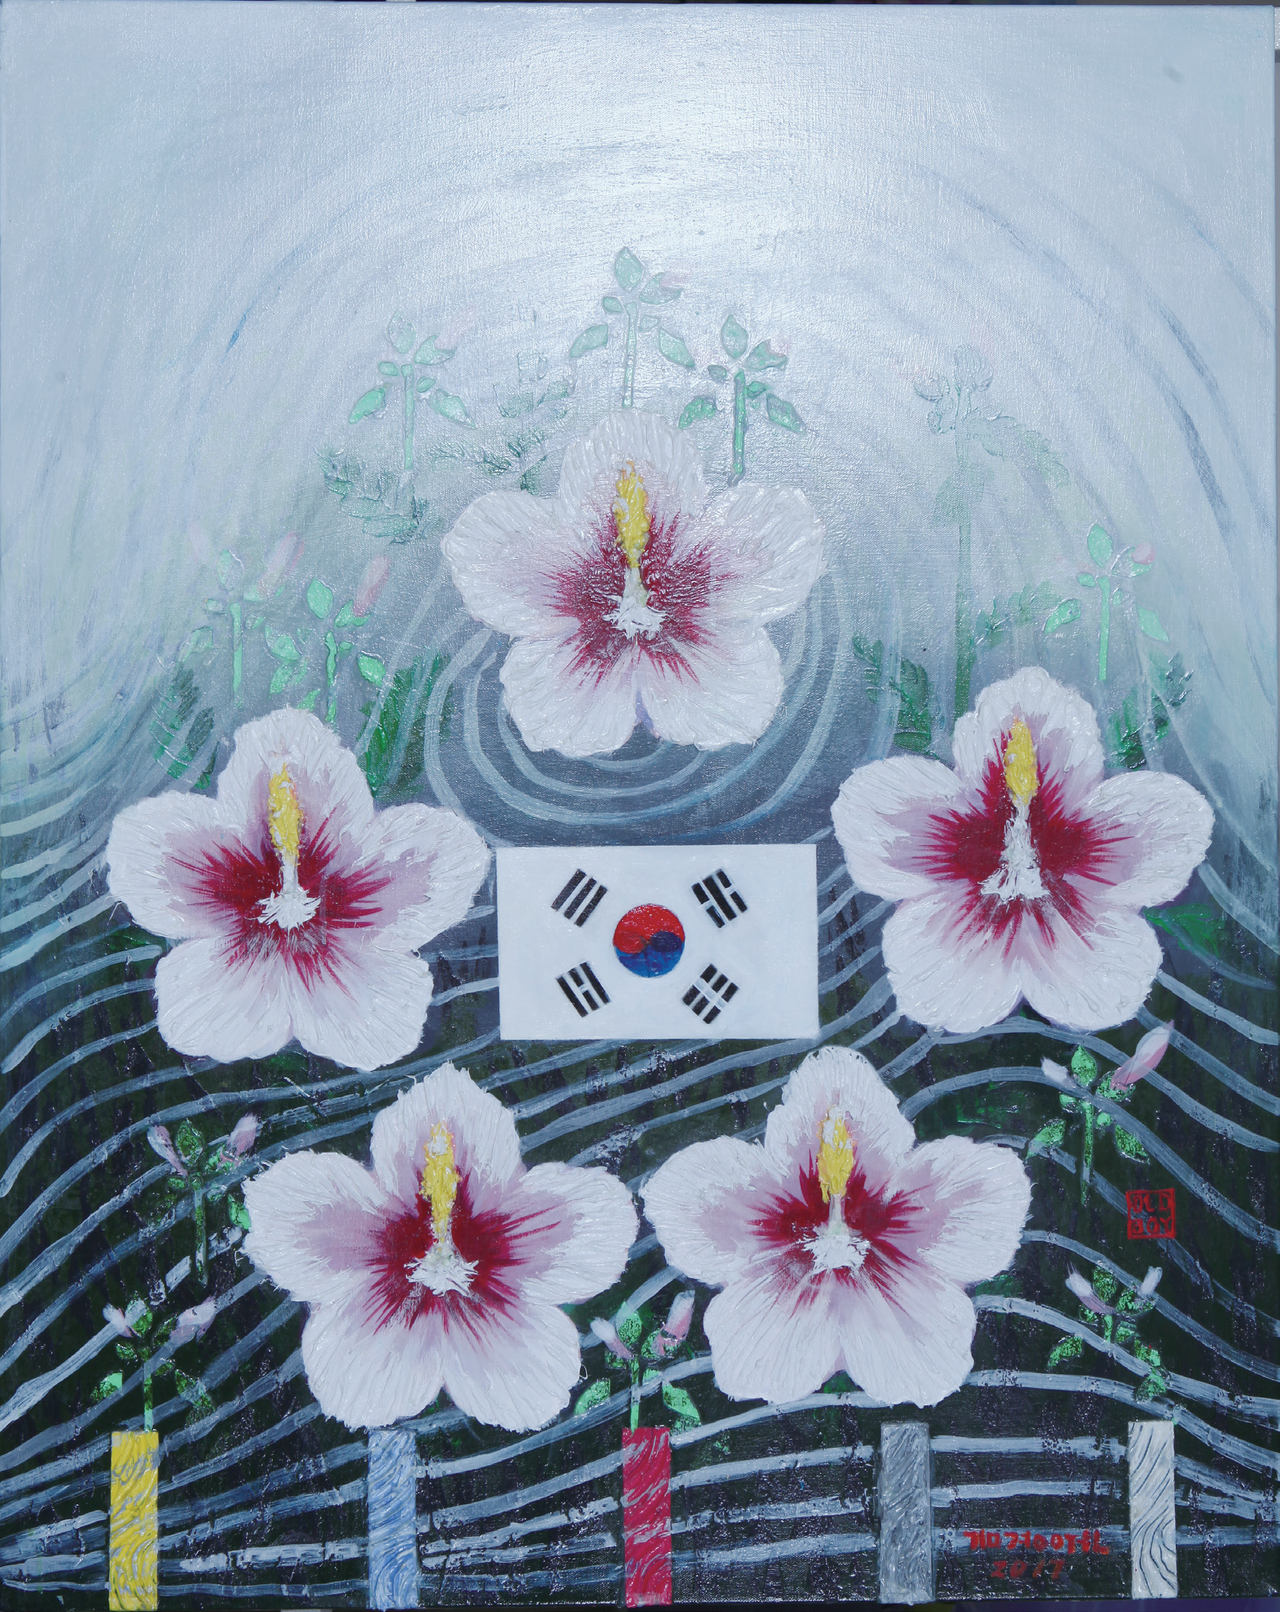 김경원 (서양화)-태극기와 어울러진 무궁화 꽃송이